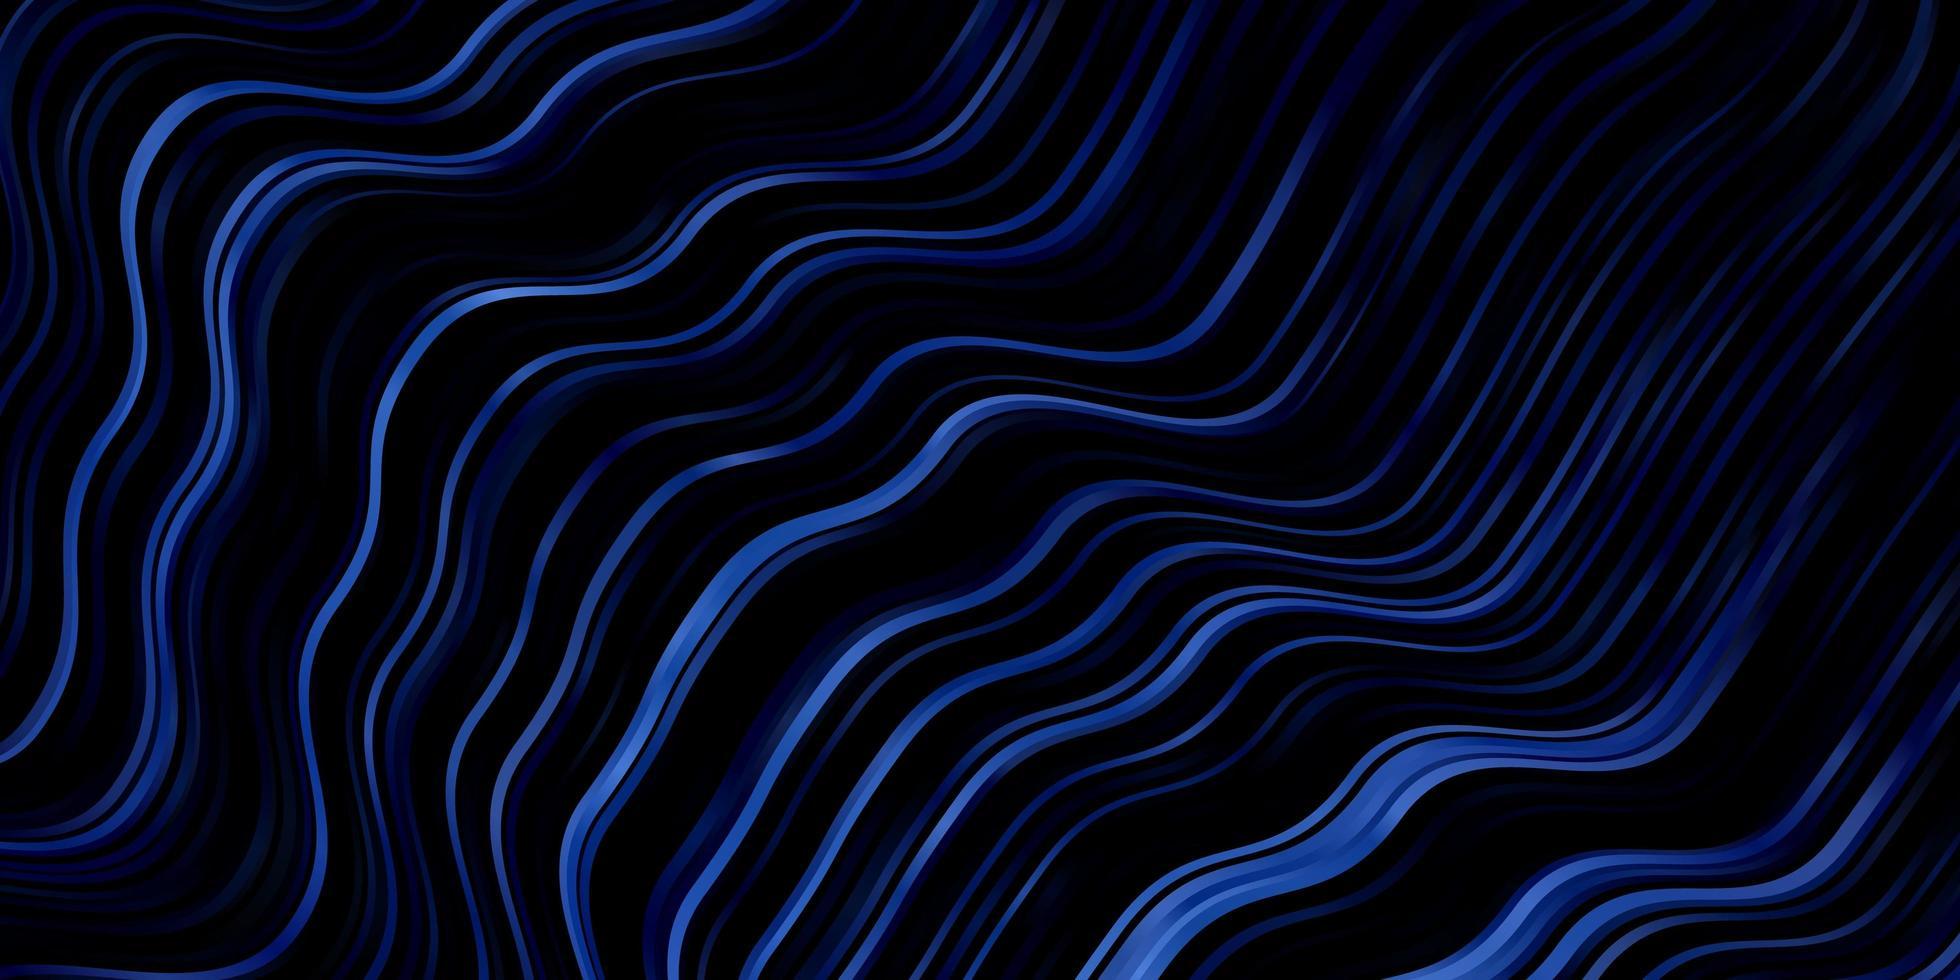 ljusblå vektorlayout med kurvor. vektor